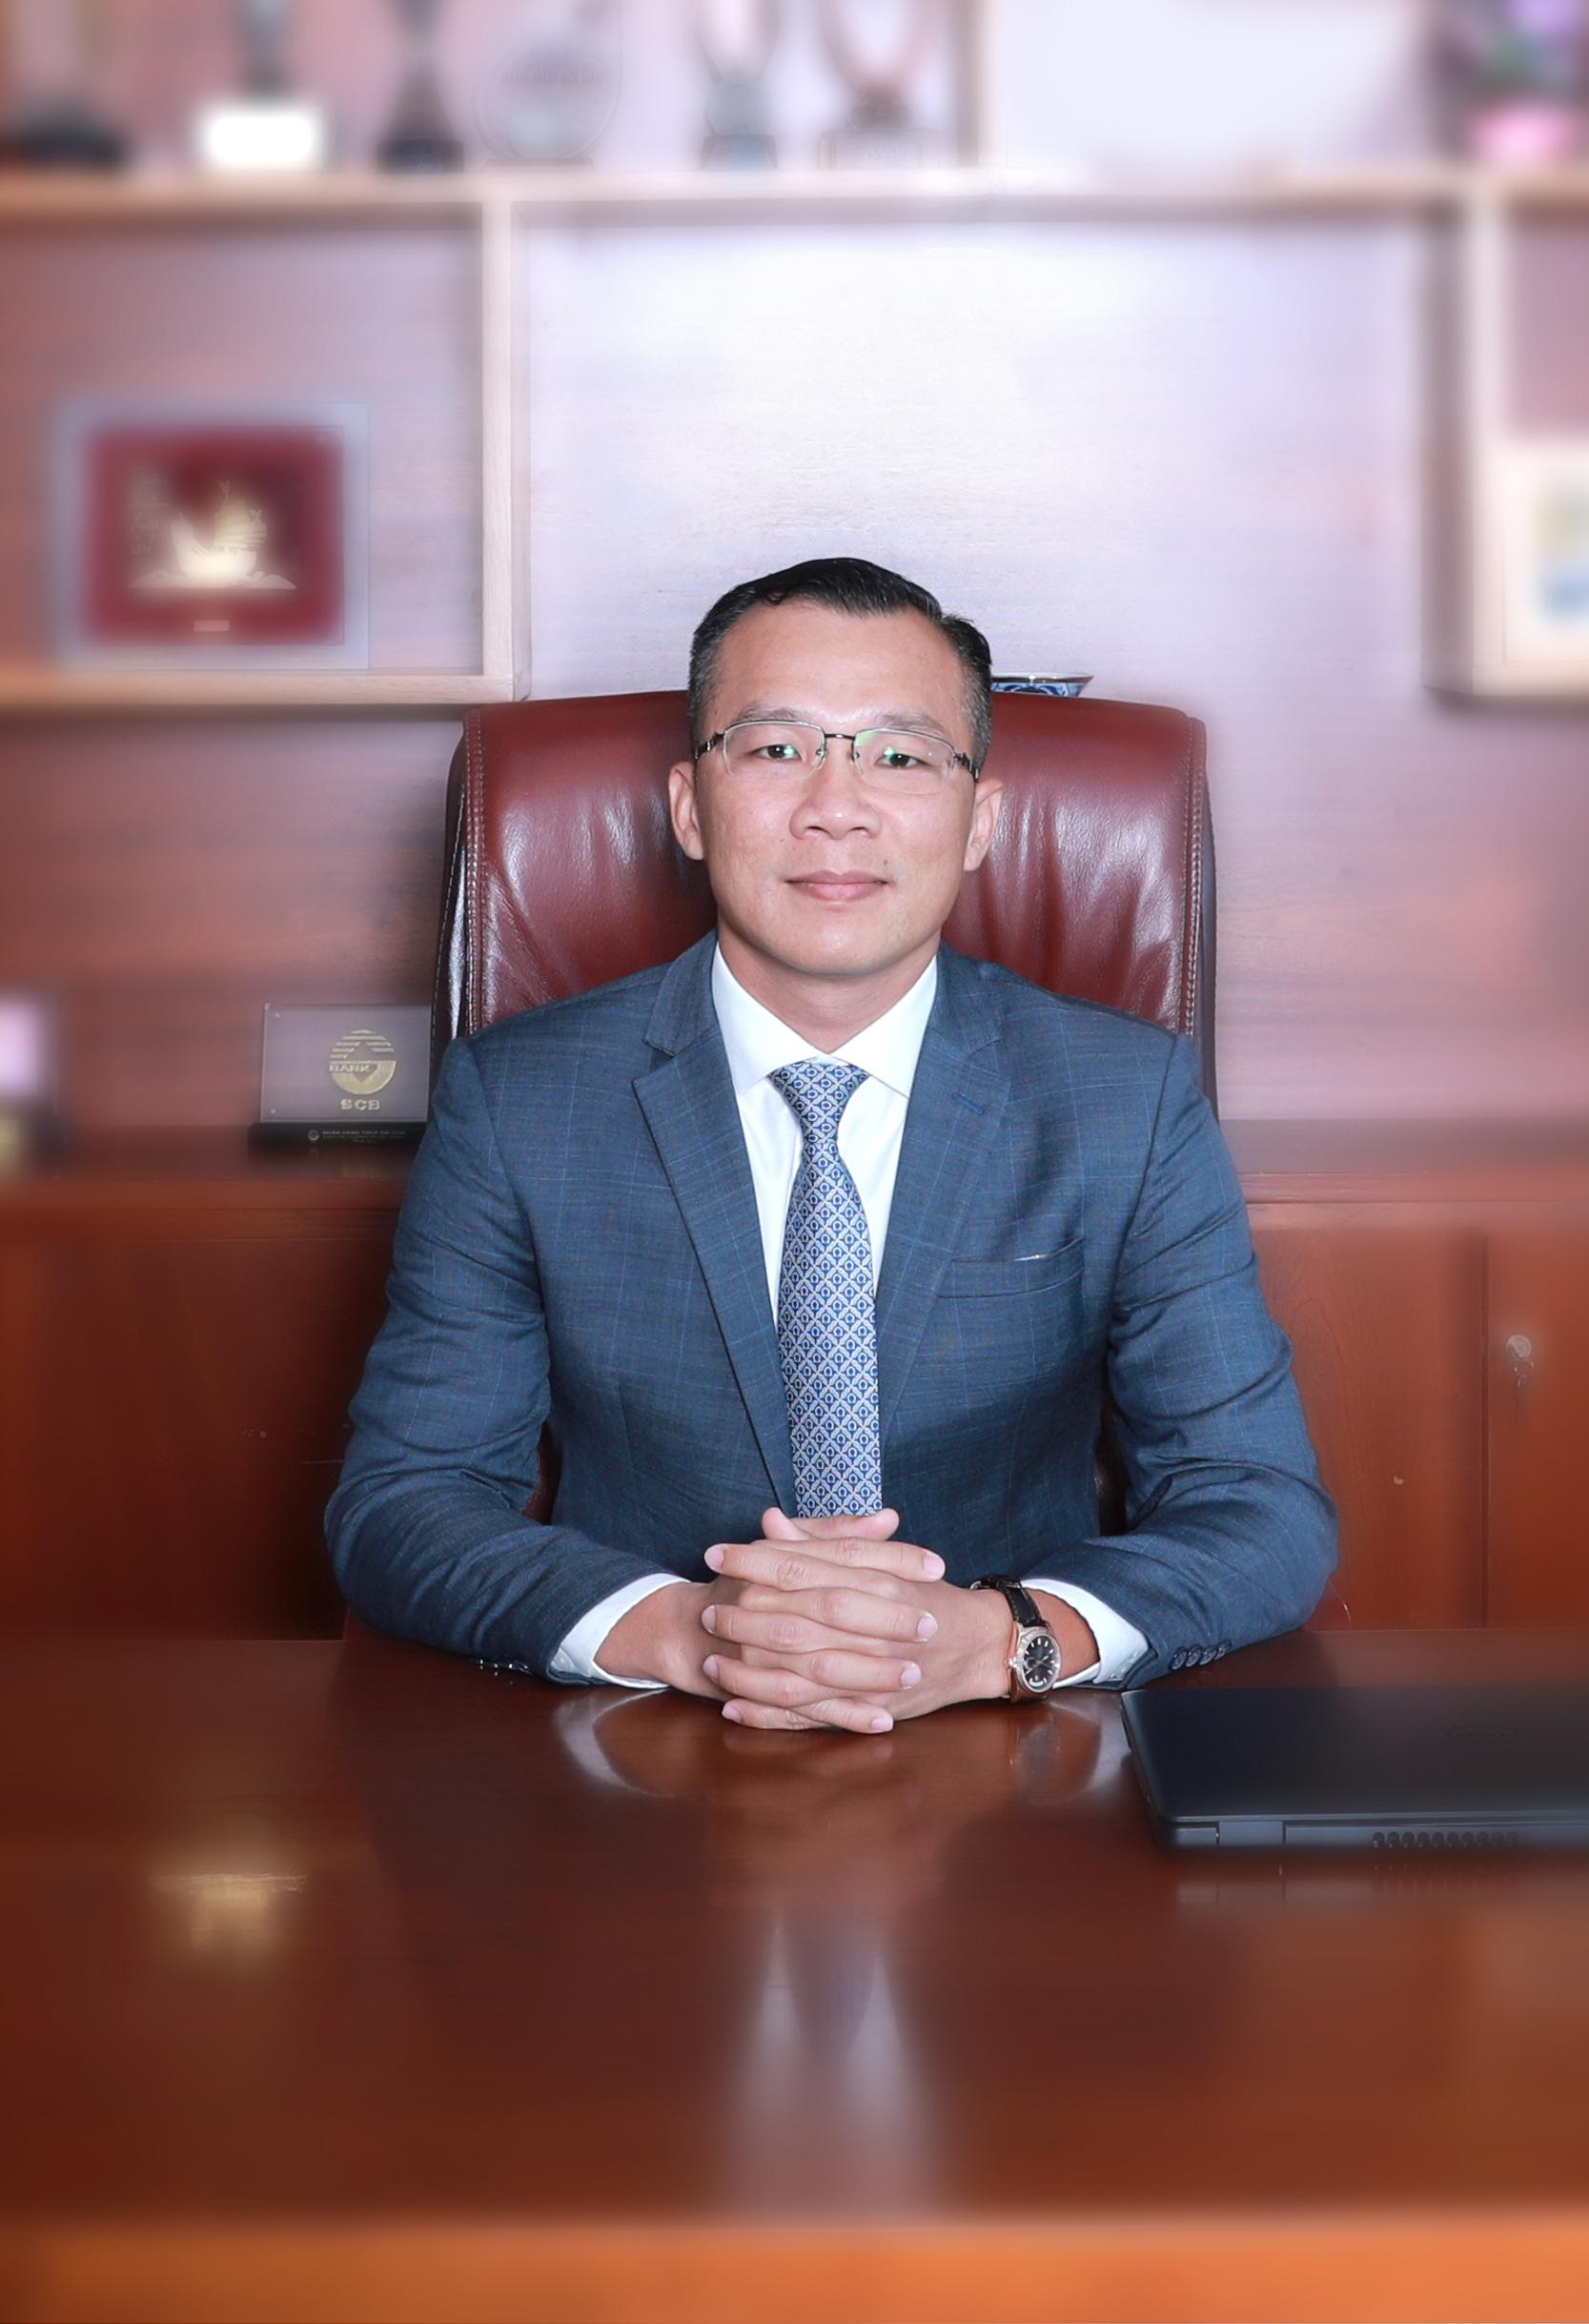 Ngân hàng Sài Gòn (SCB) bổ nhiệm Quyền Tổng giám đốc - Ảnh 1.